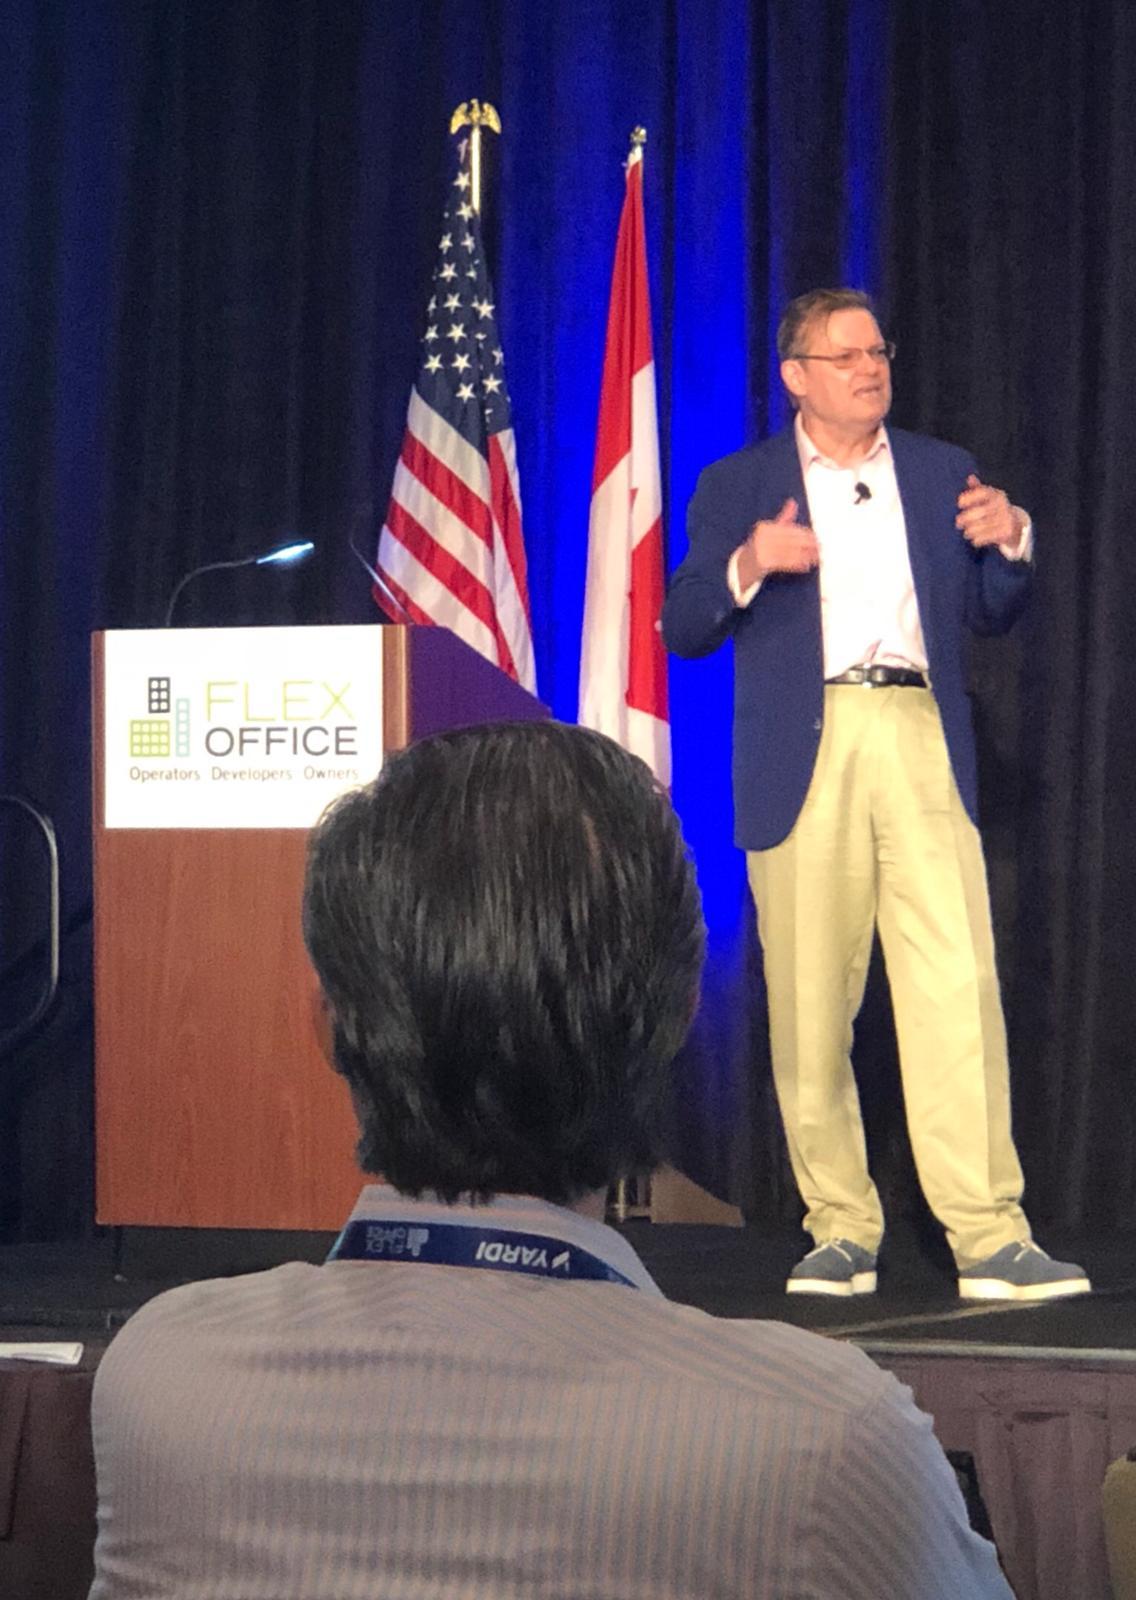 Flex Office Conference 2018 - Antony Slumbers